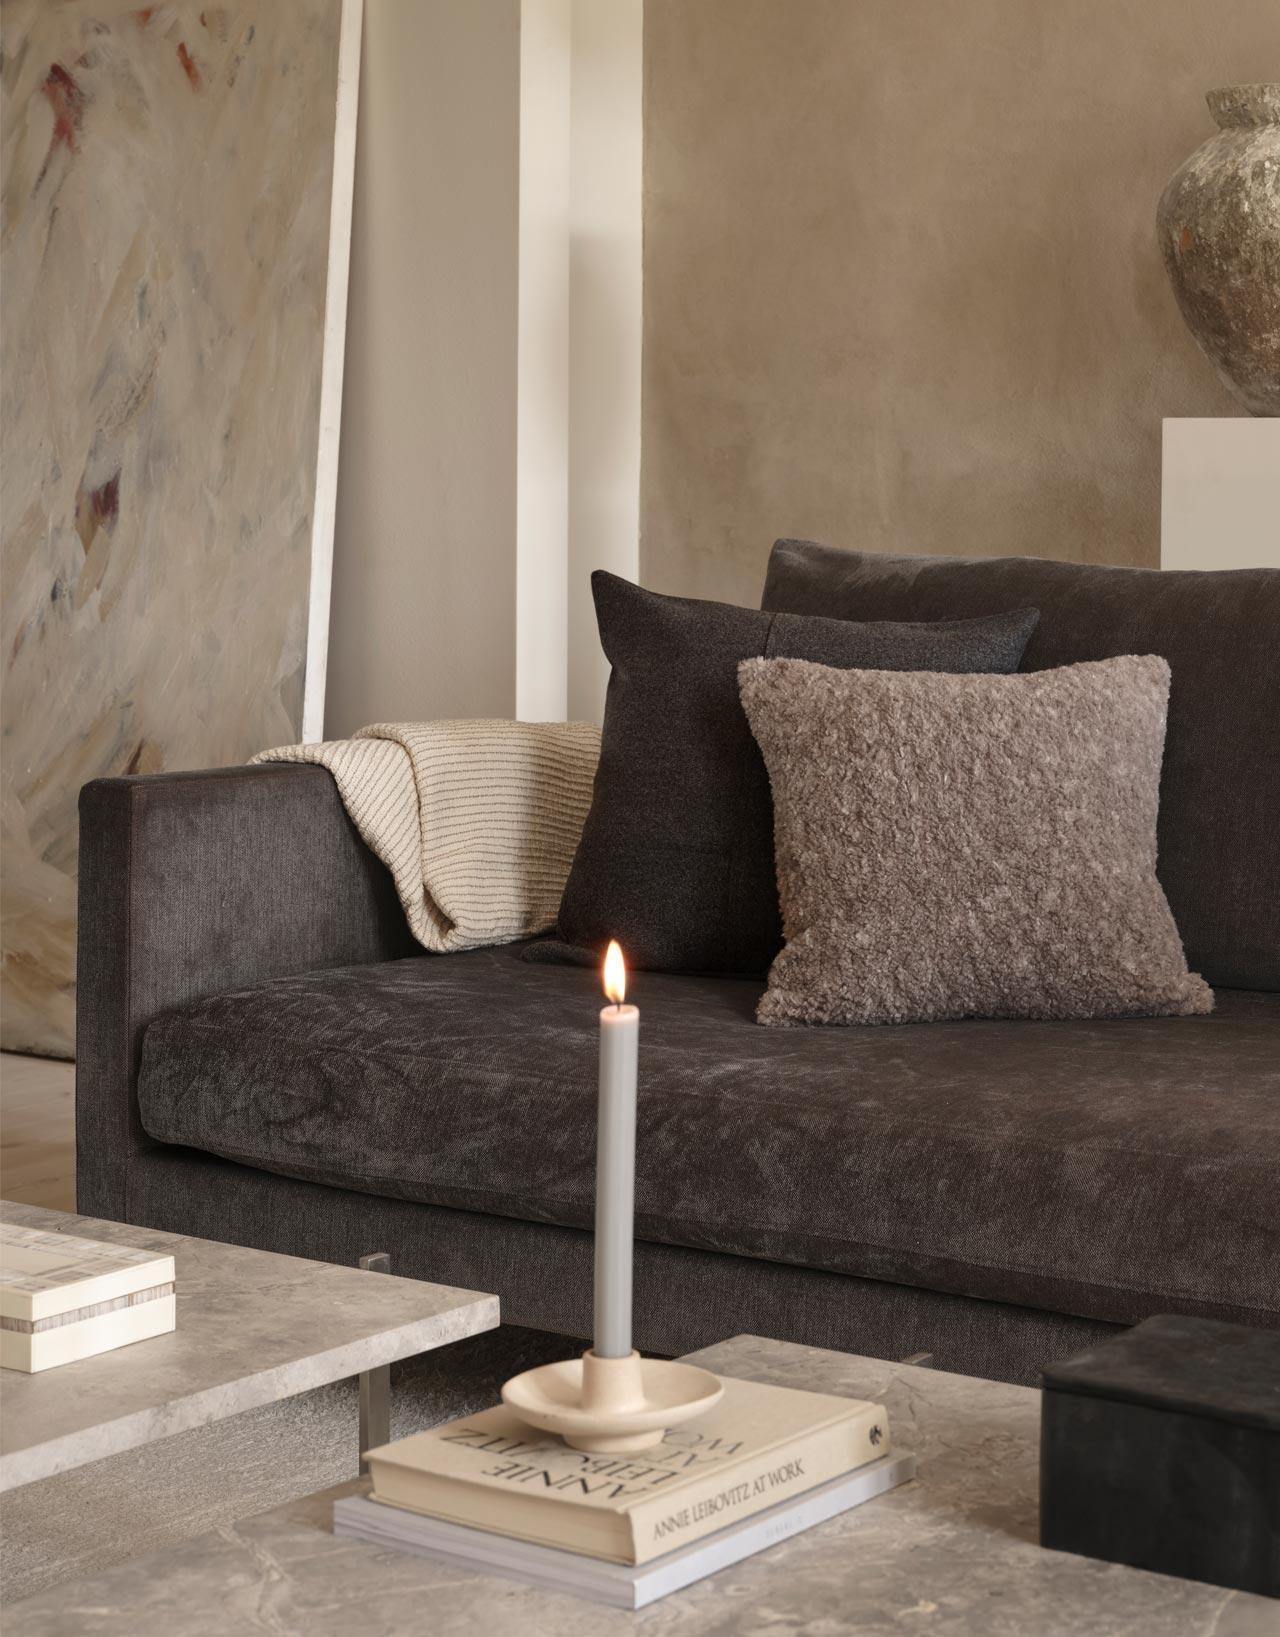 Zara Home FW 2019 living room